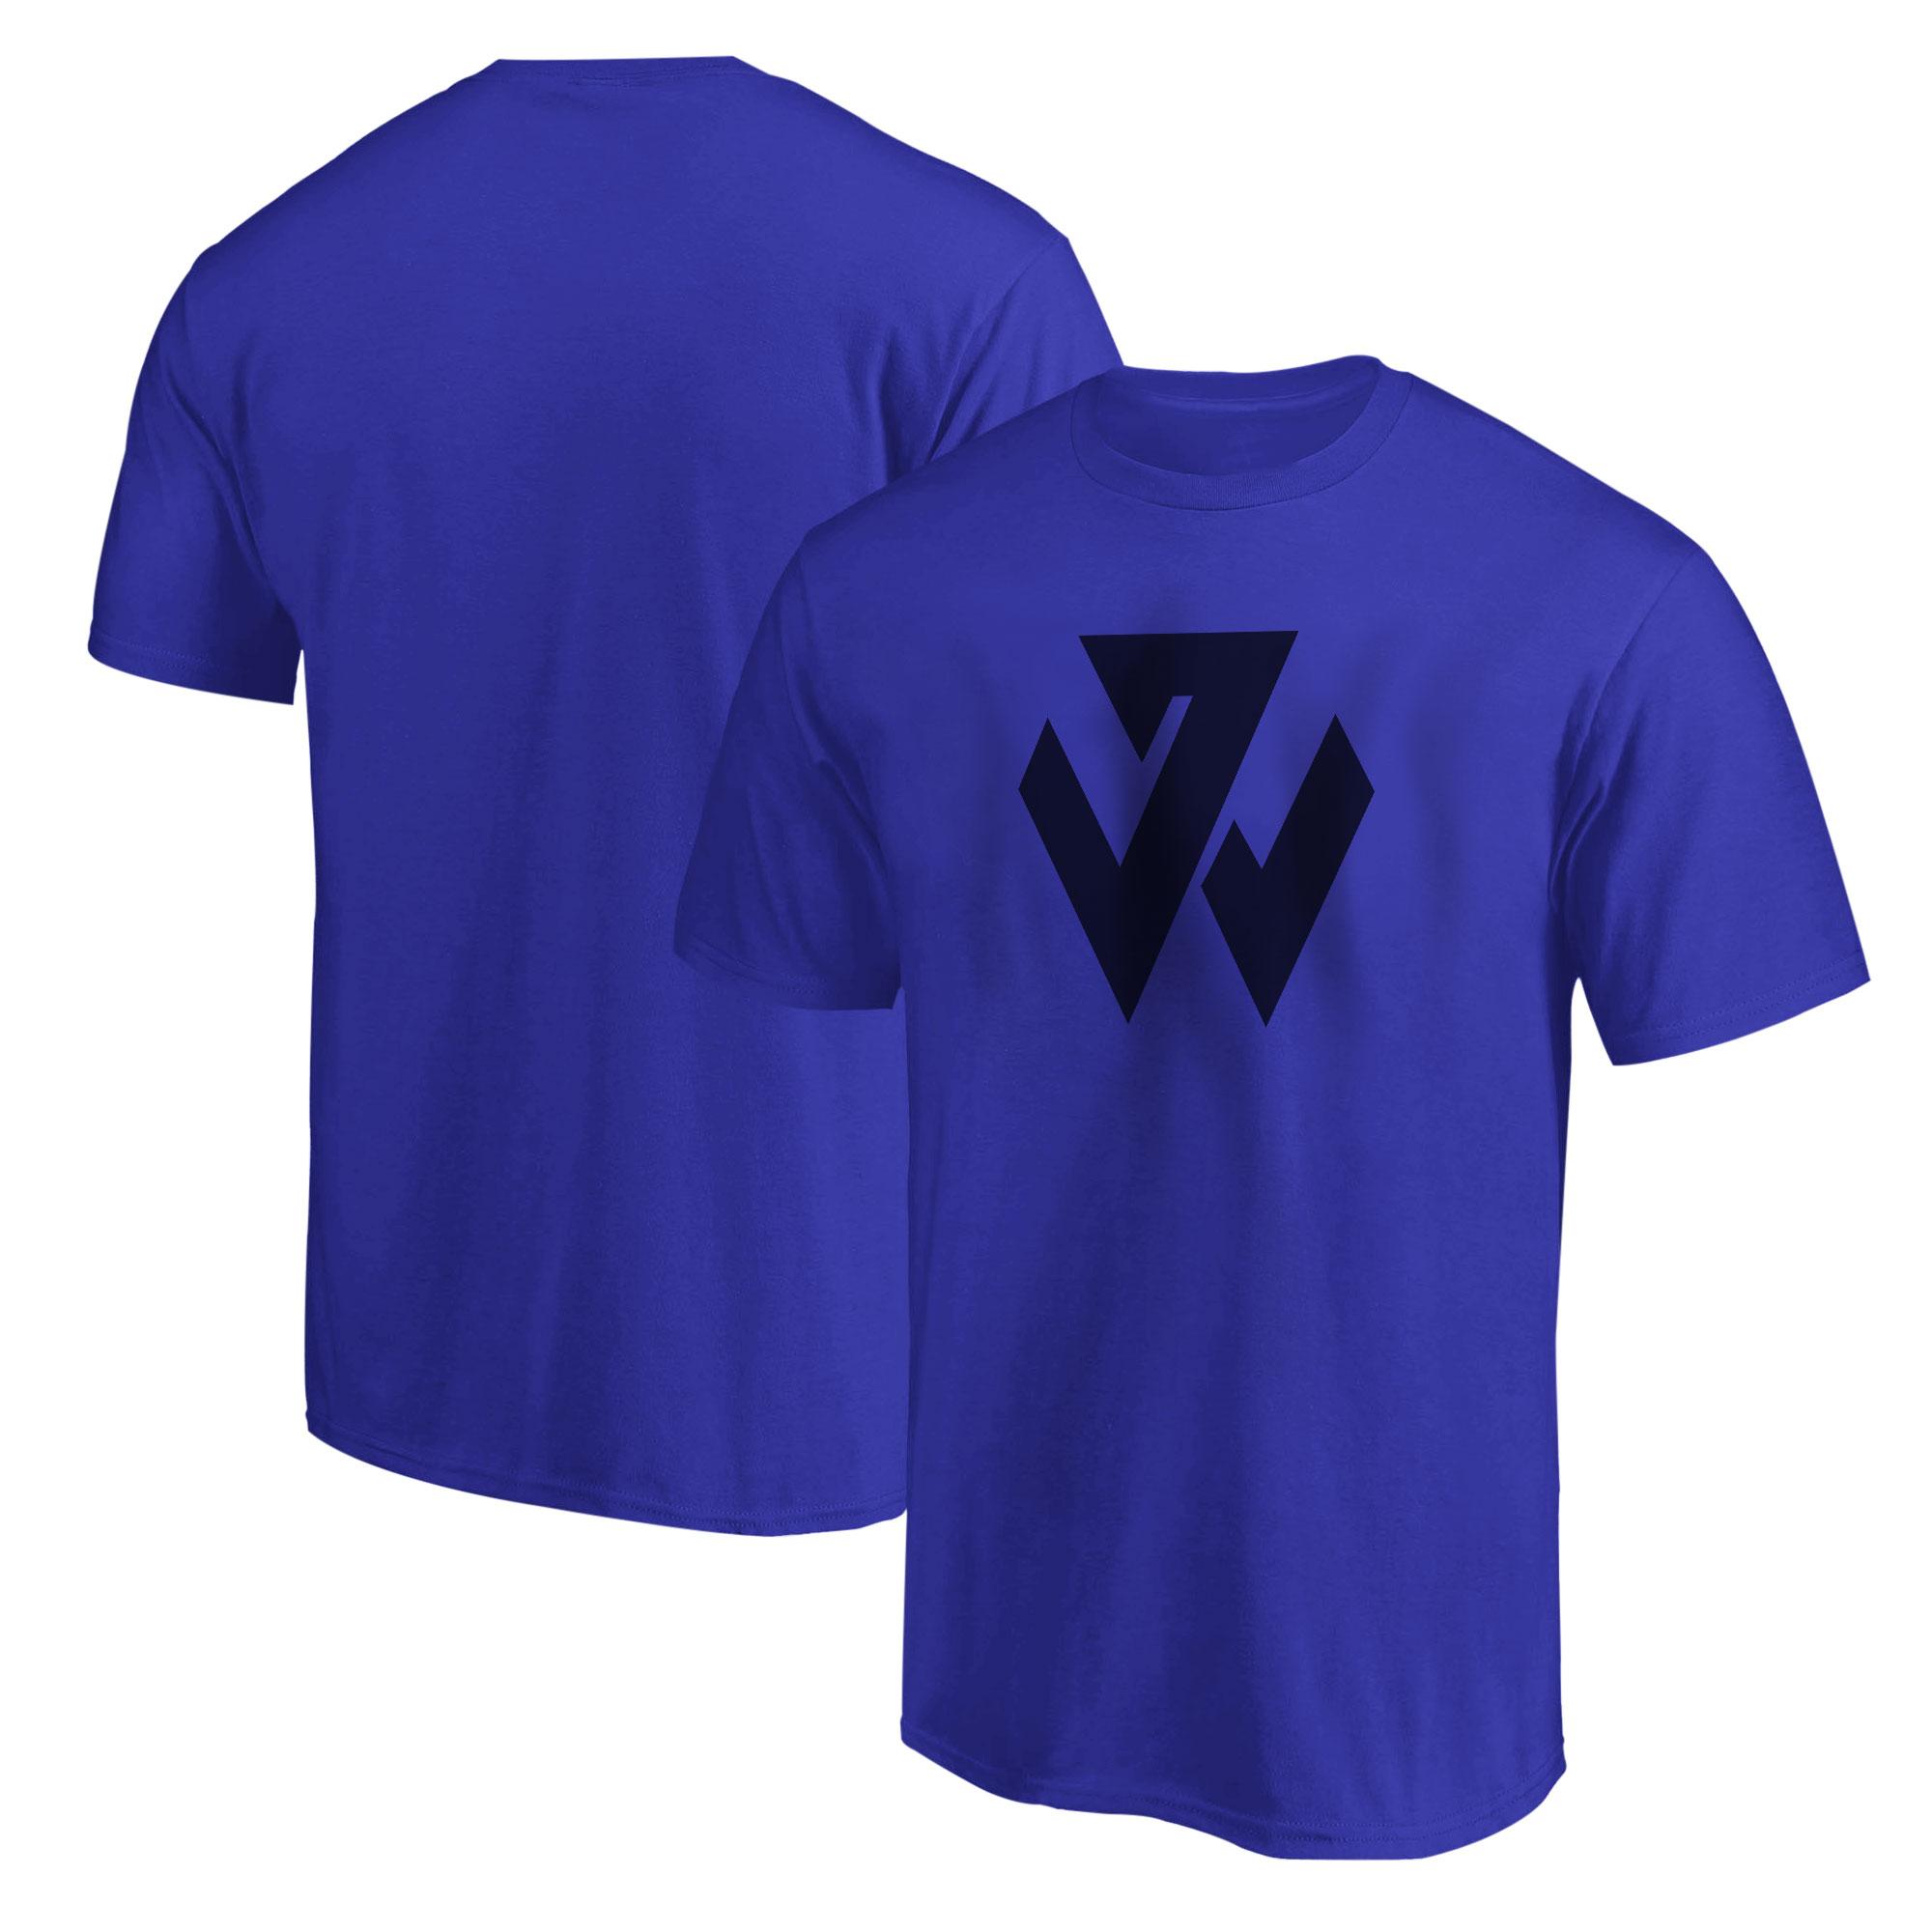 Washington Wizards John Wall Tshirt (TSH-RED-376-PLYR-WALL.LOGO)